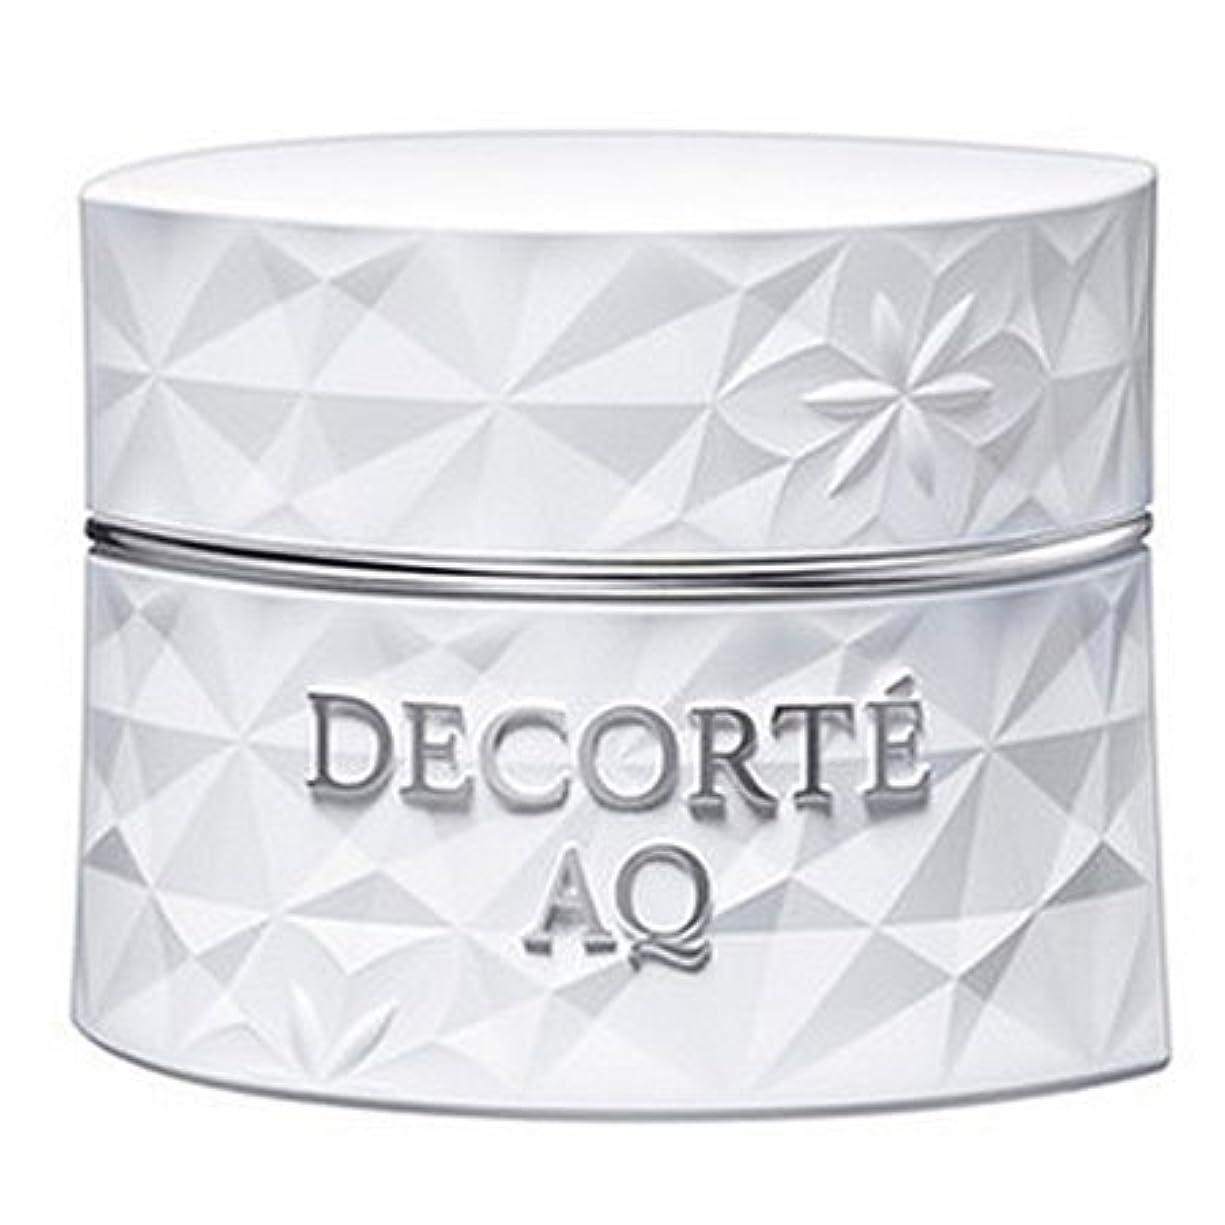 囲むやがて剣コスメデコルテ AQ ホワイトニング クリーム 25g-COSME DECORTE-